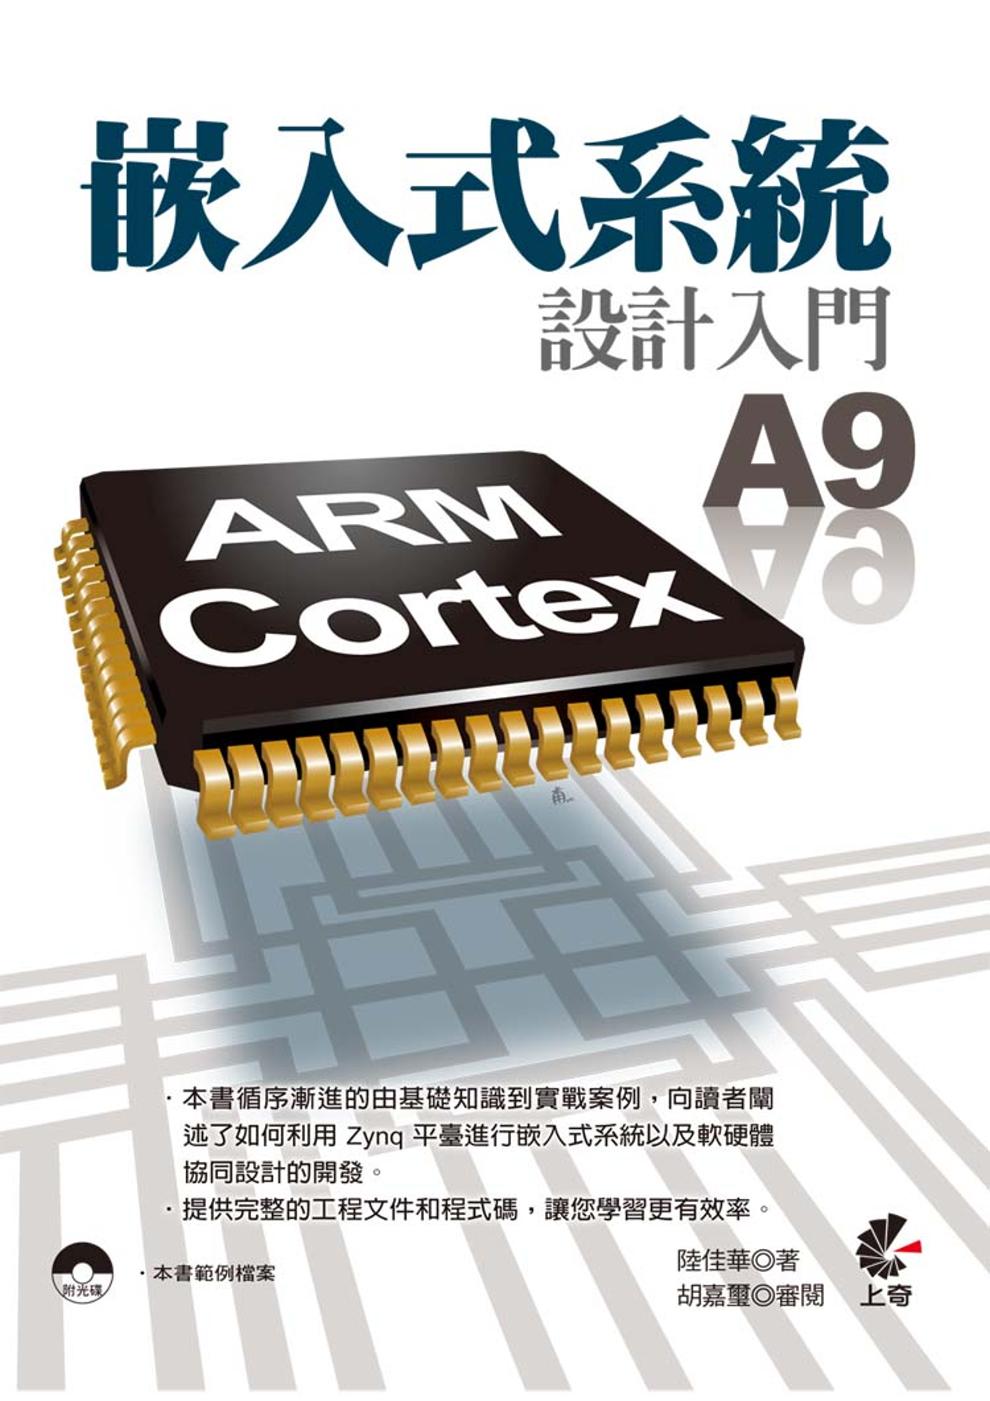 嵌入式系統設計入門 - ARM Cortex A9(附光碟)